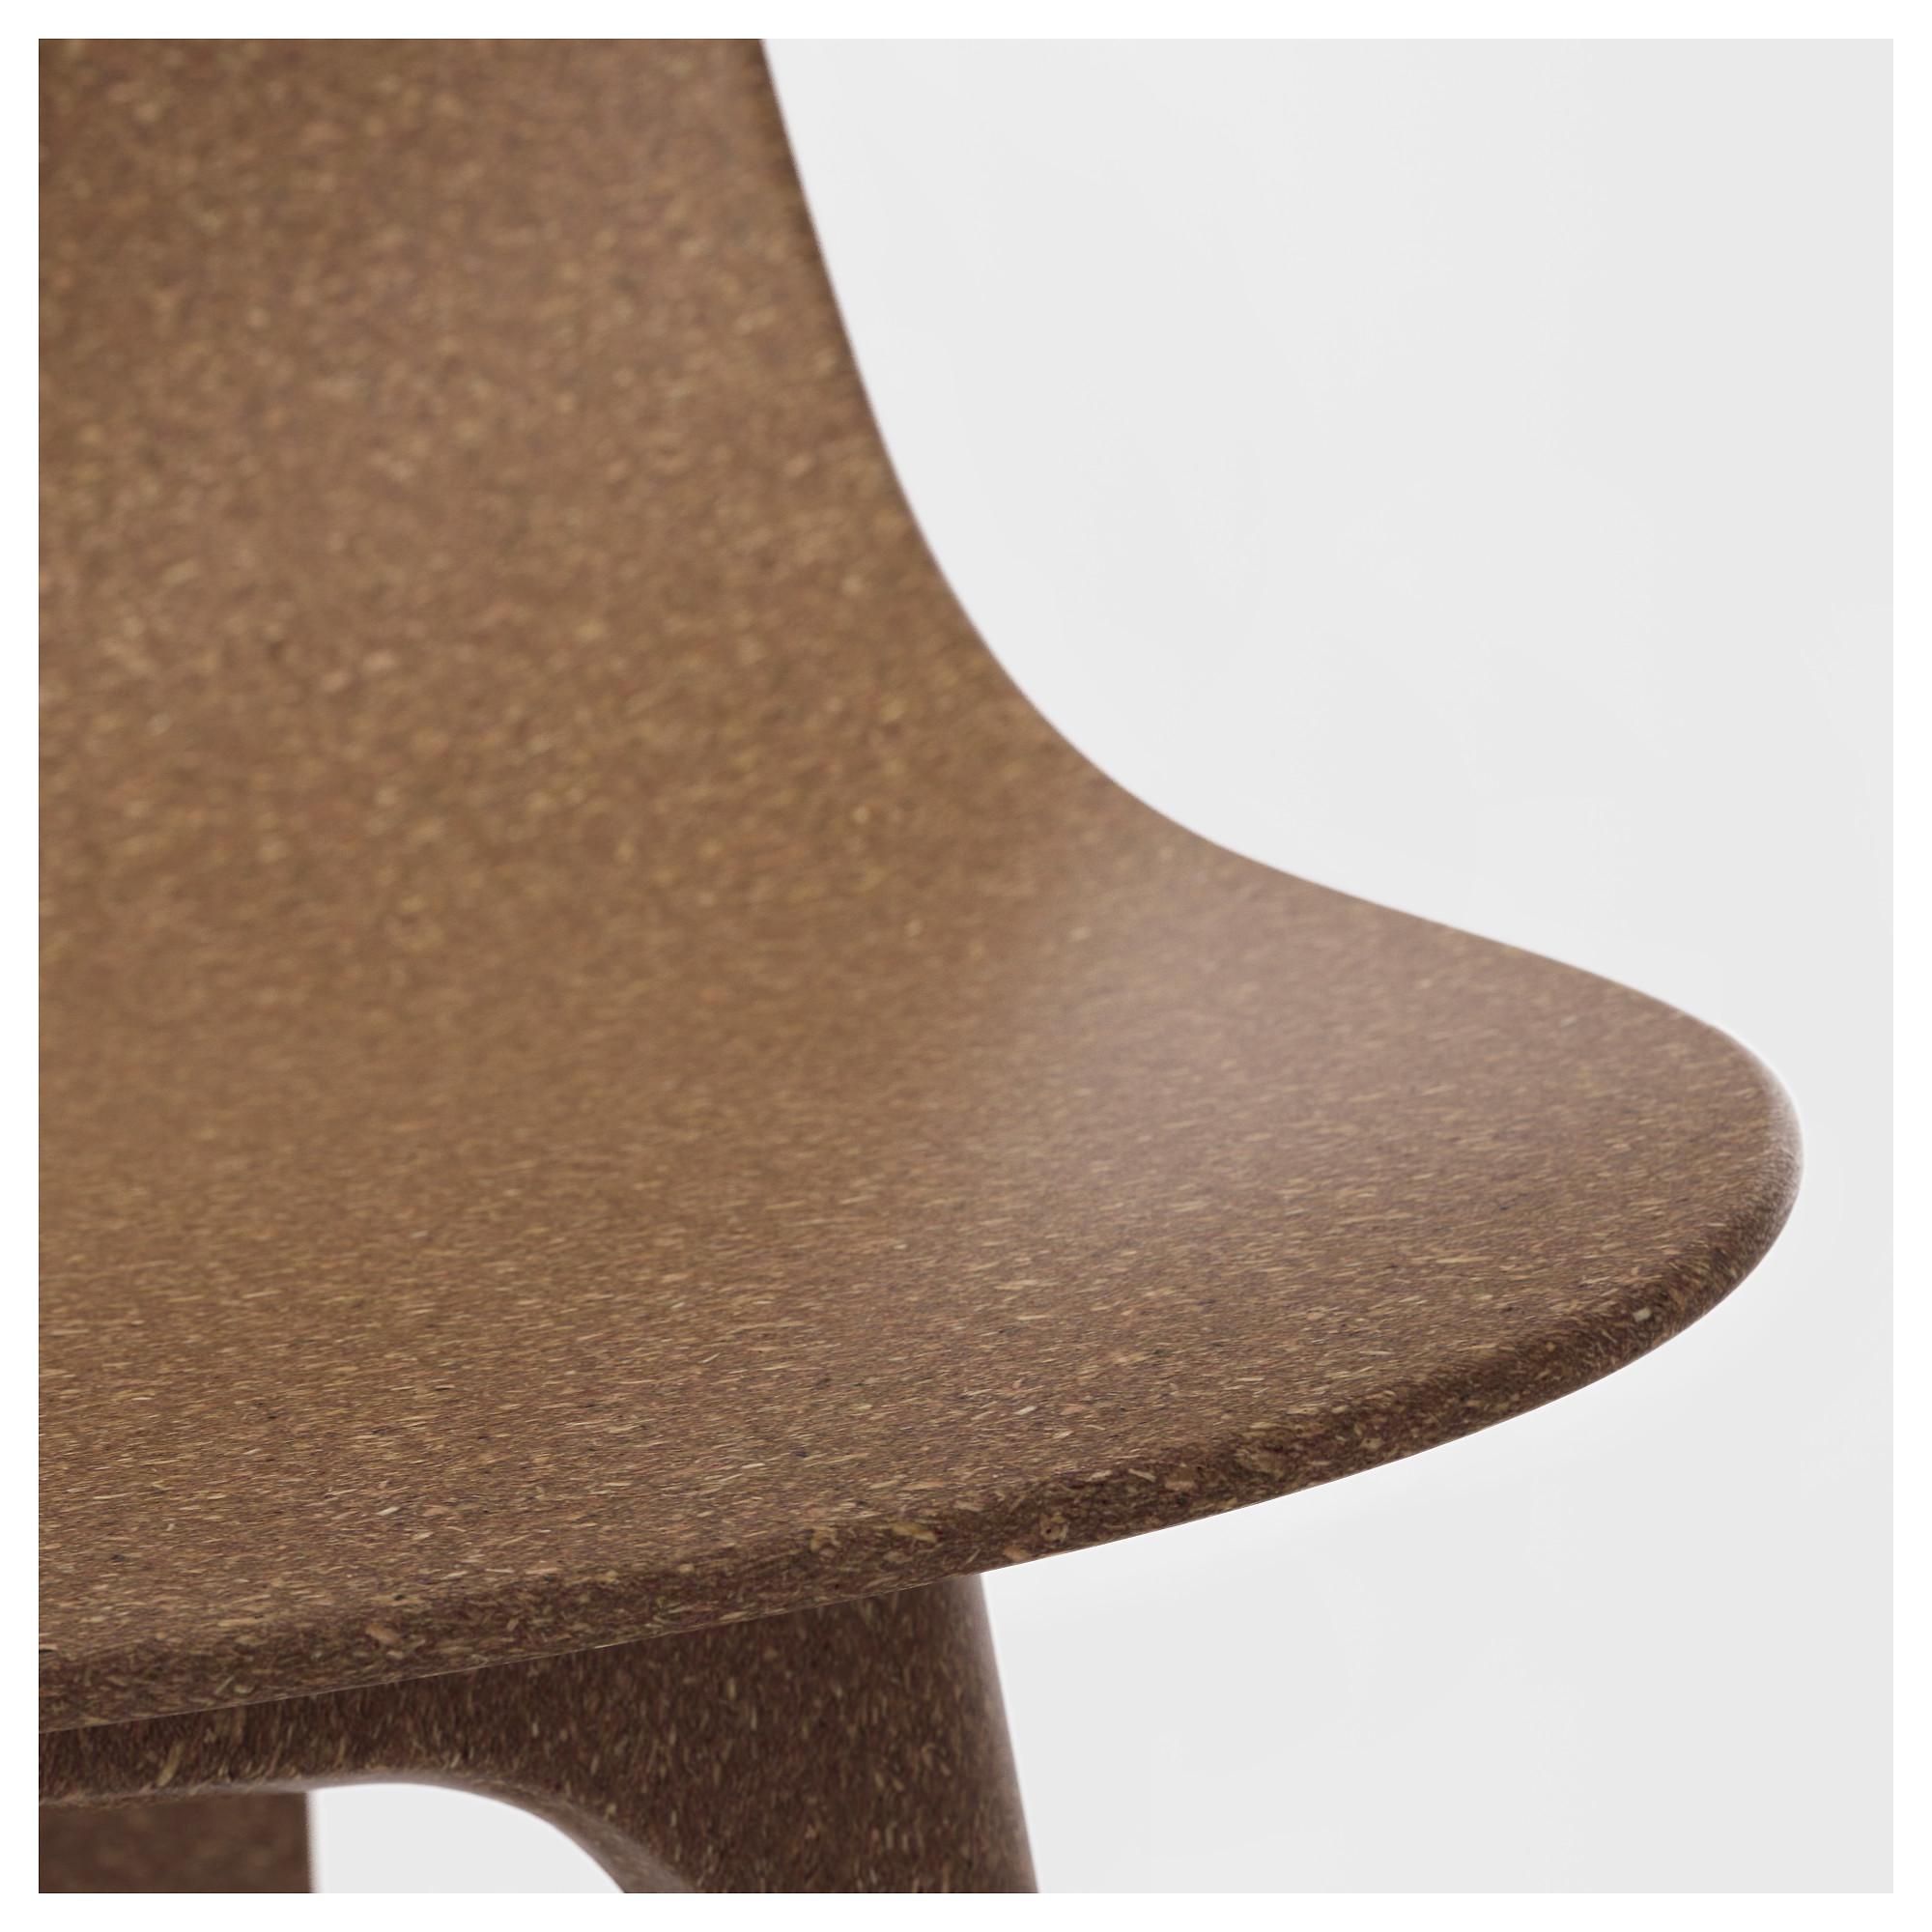 Стол и 2 стула ЭКЕДАЛЕН / ОДГЕР темно-коричневый артикуль № 992.212.86 в наличии. Онлайн сайт ИКЕА Республика Беларусь. Быстрая доставка и монтаж.